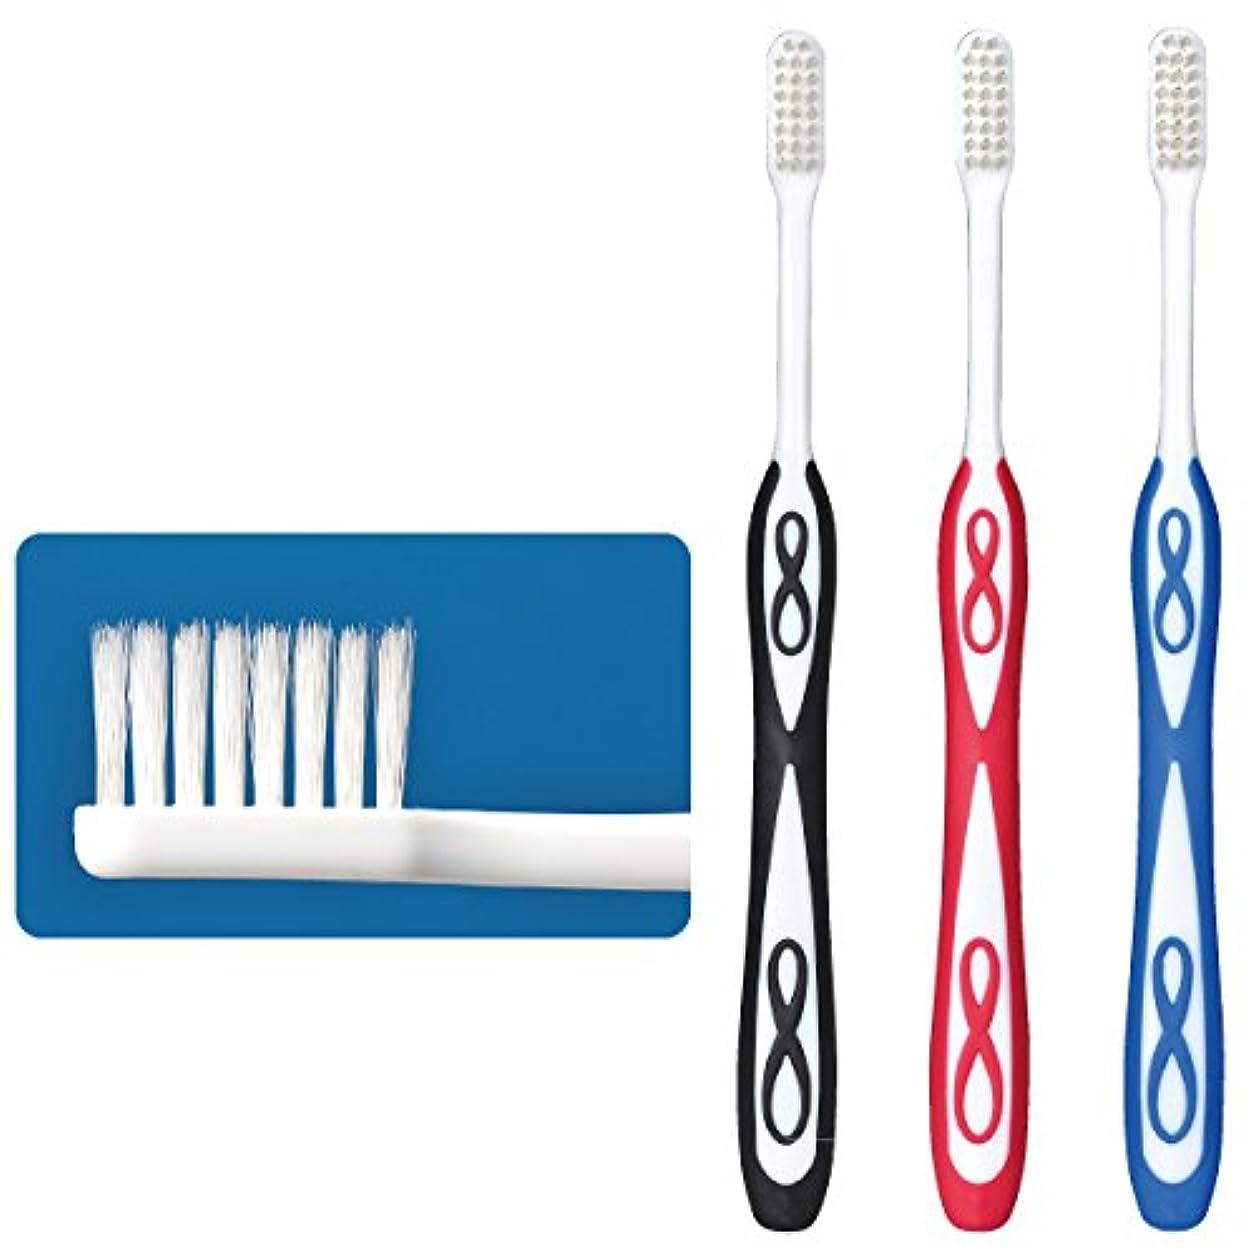 アトラス確認してください群集Lover8(ラバーエイト)歯ブラシ レギュラータイプ オールテーパー毛 Mふつう 3本入